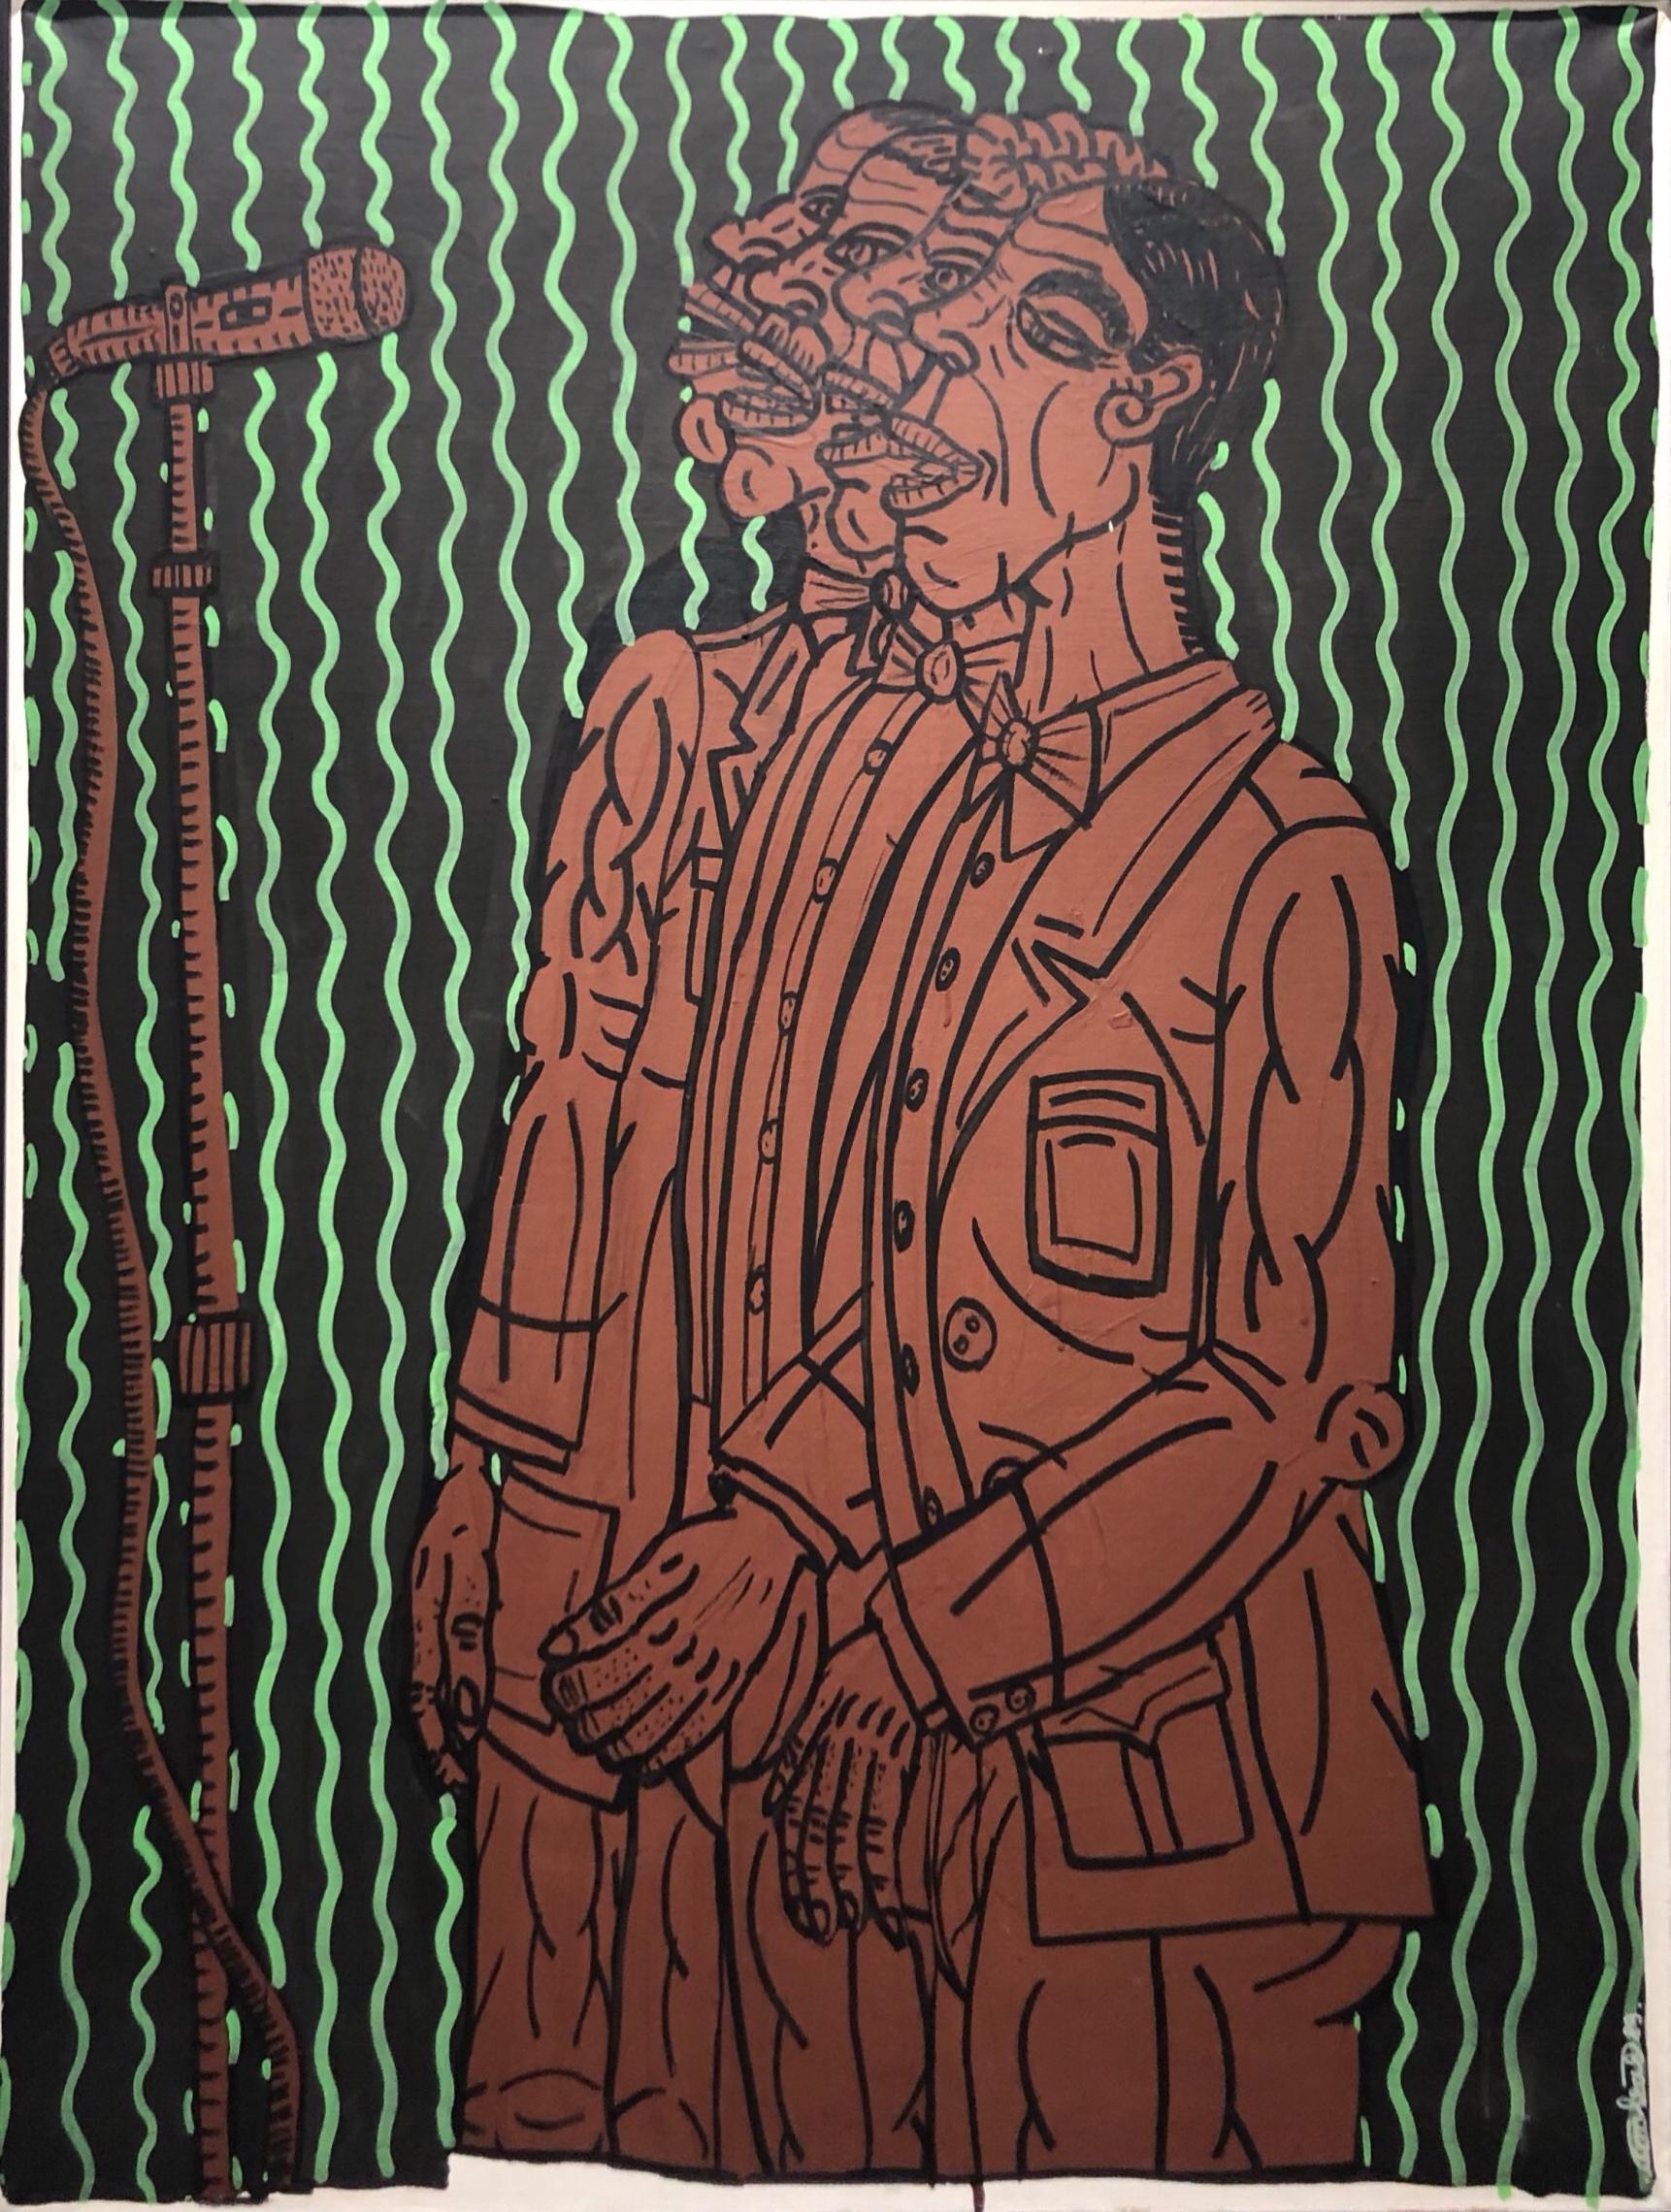 """"""" Le Choeur (1989)  147 x 114 cm - Acrylique sur toile"""